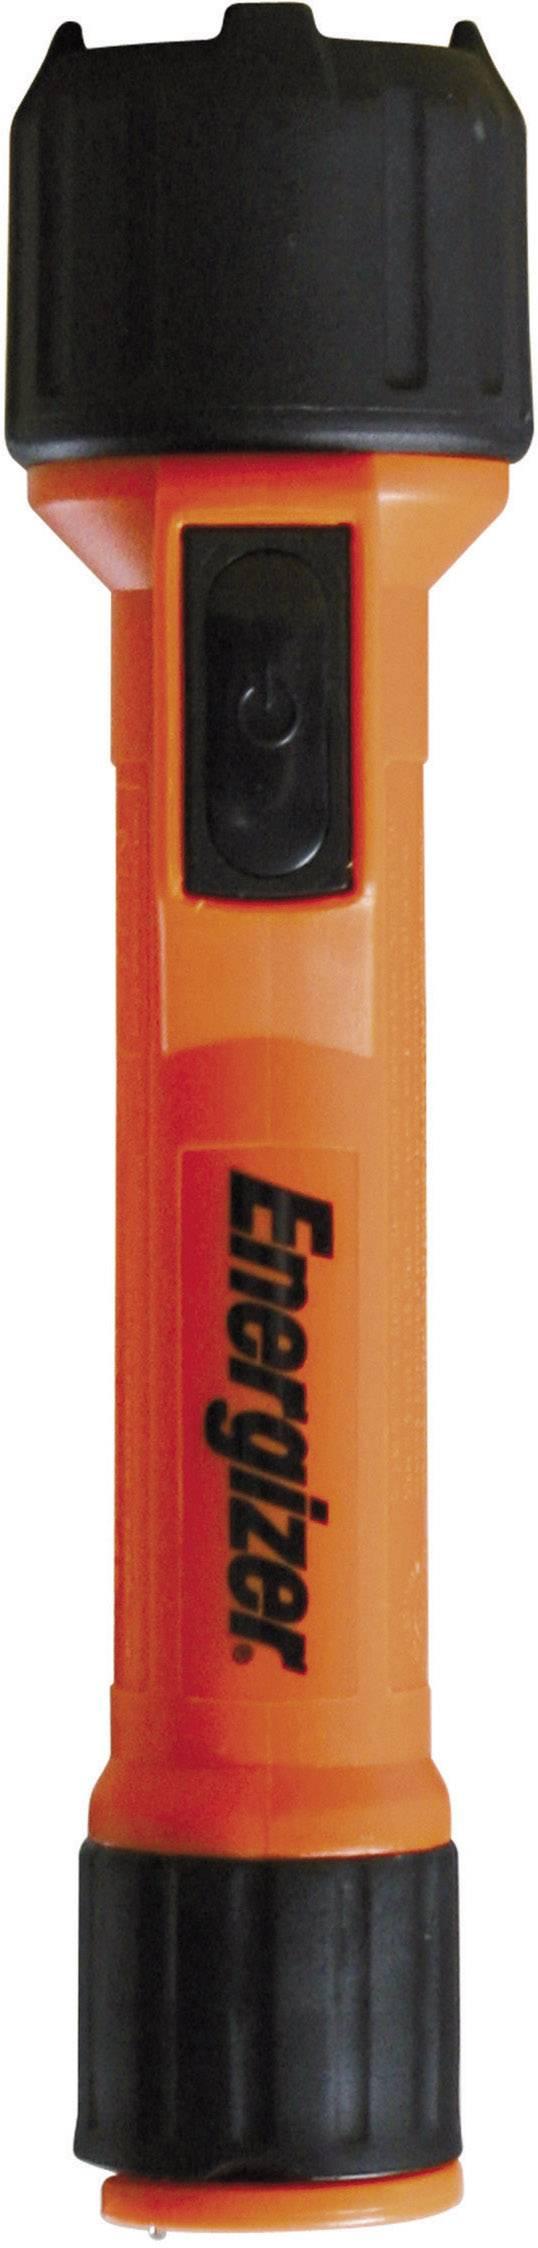 Čelovka Energizer Atex Light 2AA